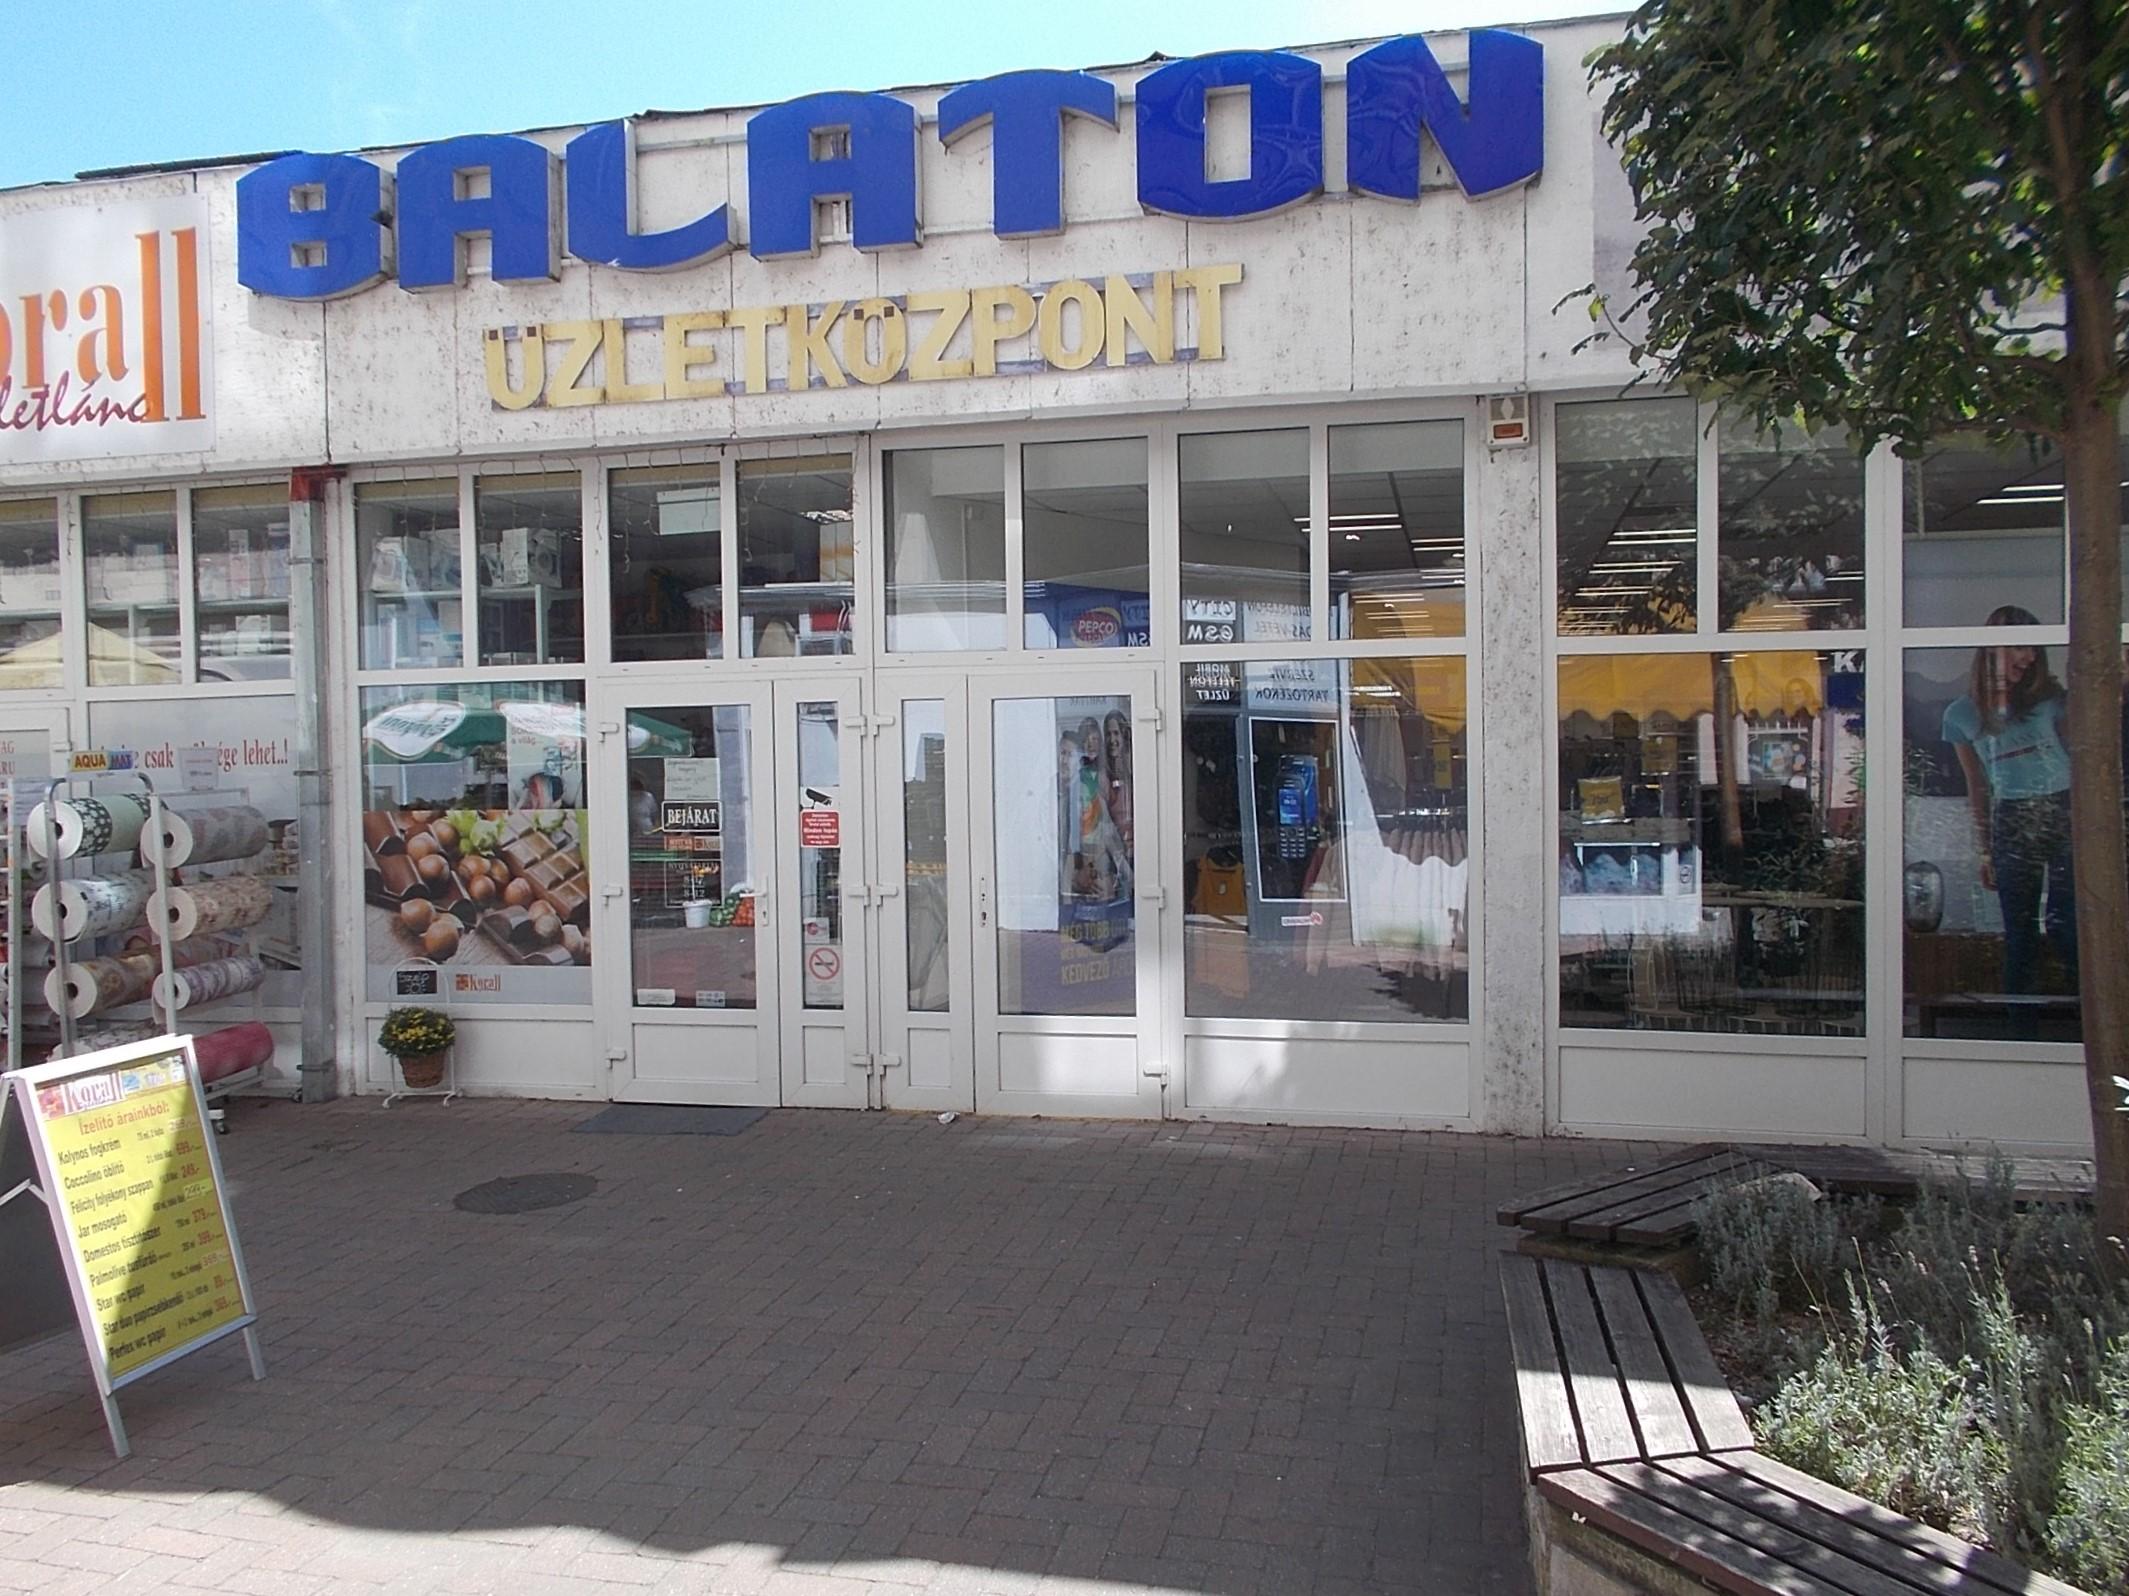 üzletközpont a)